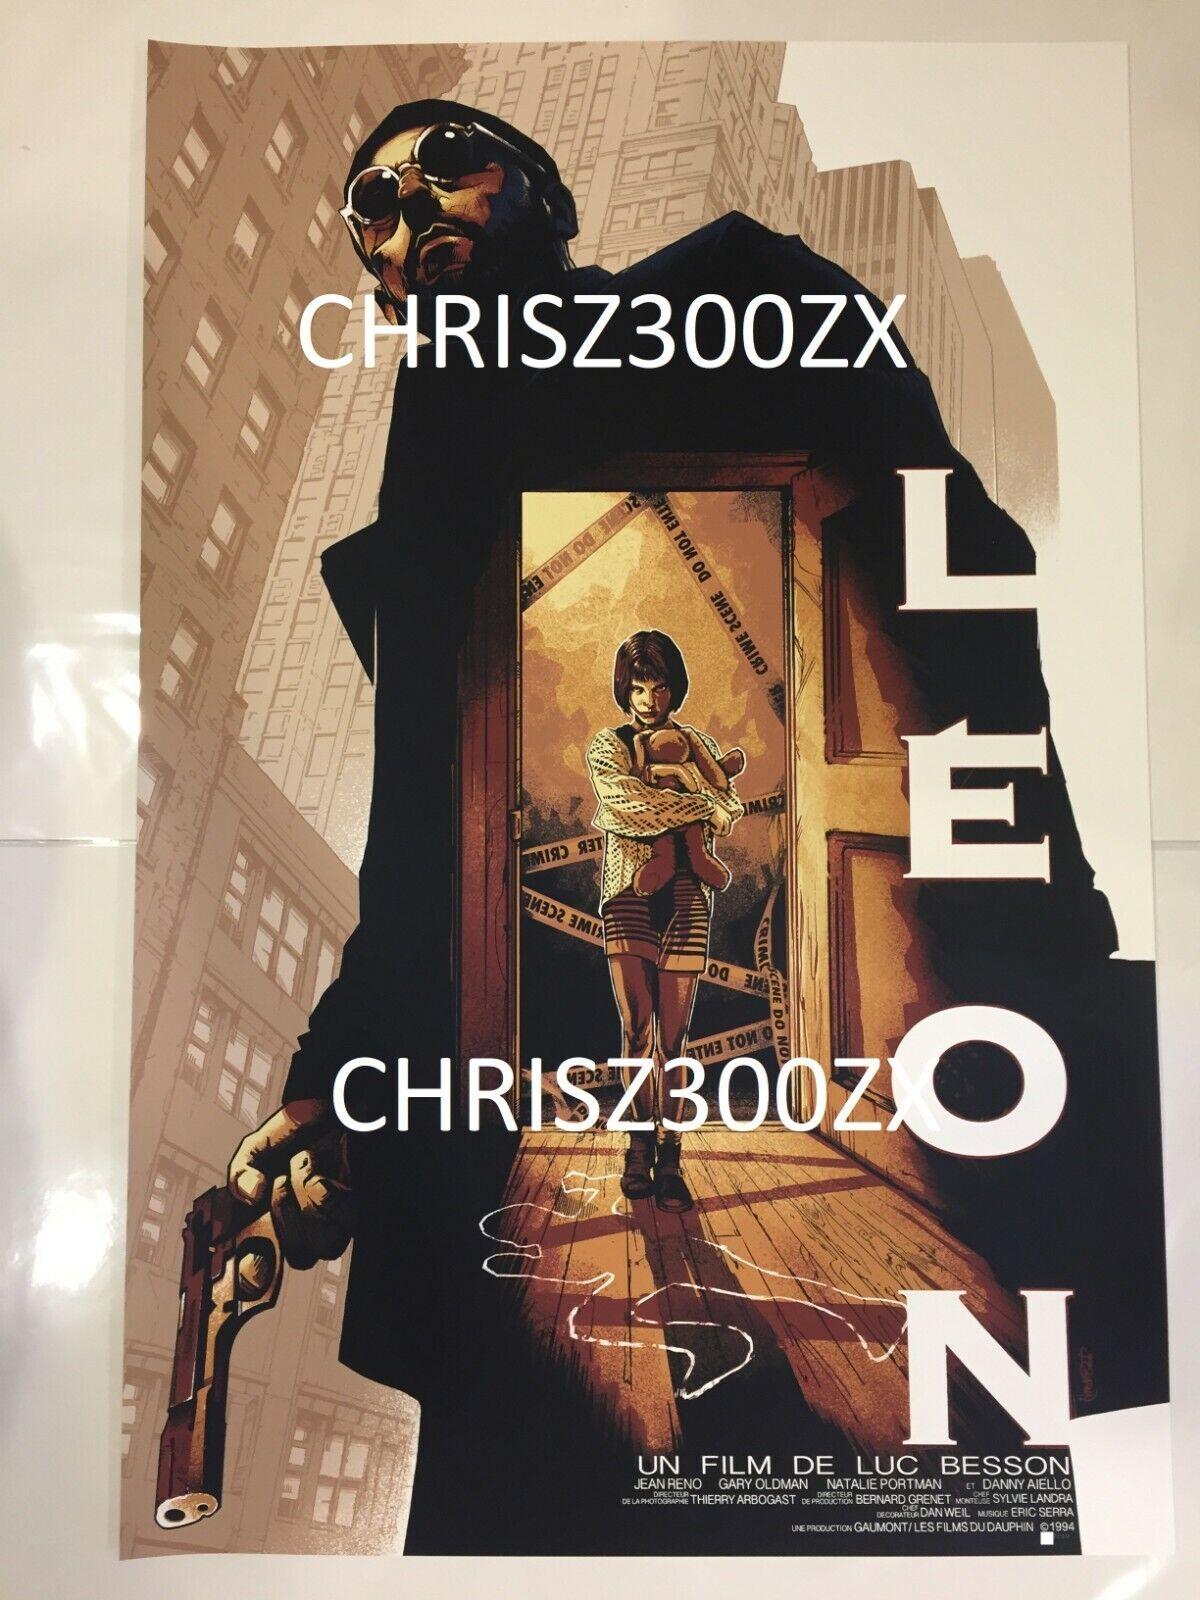 Léon Natalie Portman Vintage Movie Large Poster A0 A1 A2 A3 A4 Sizes